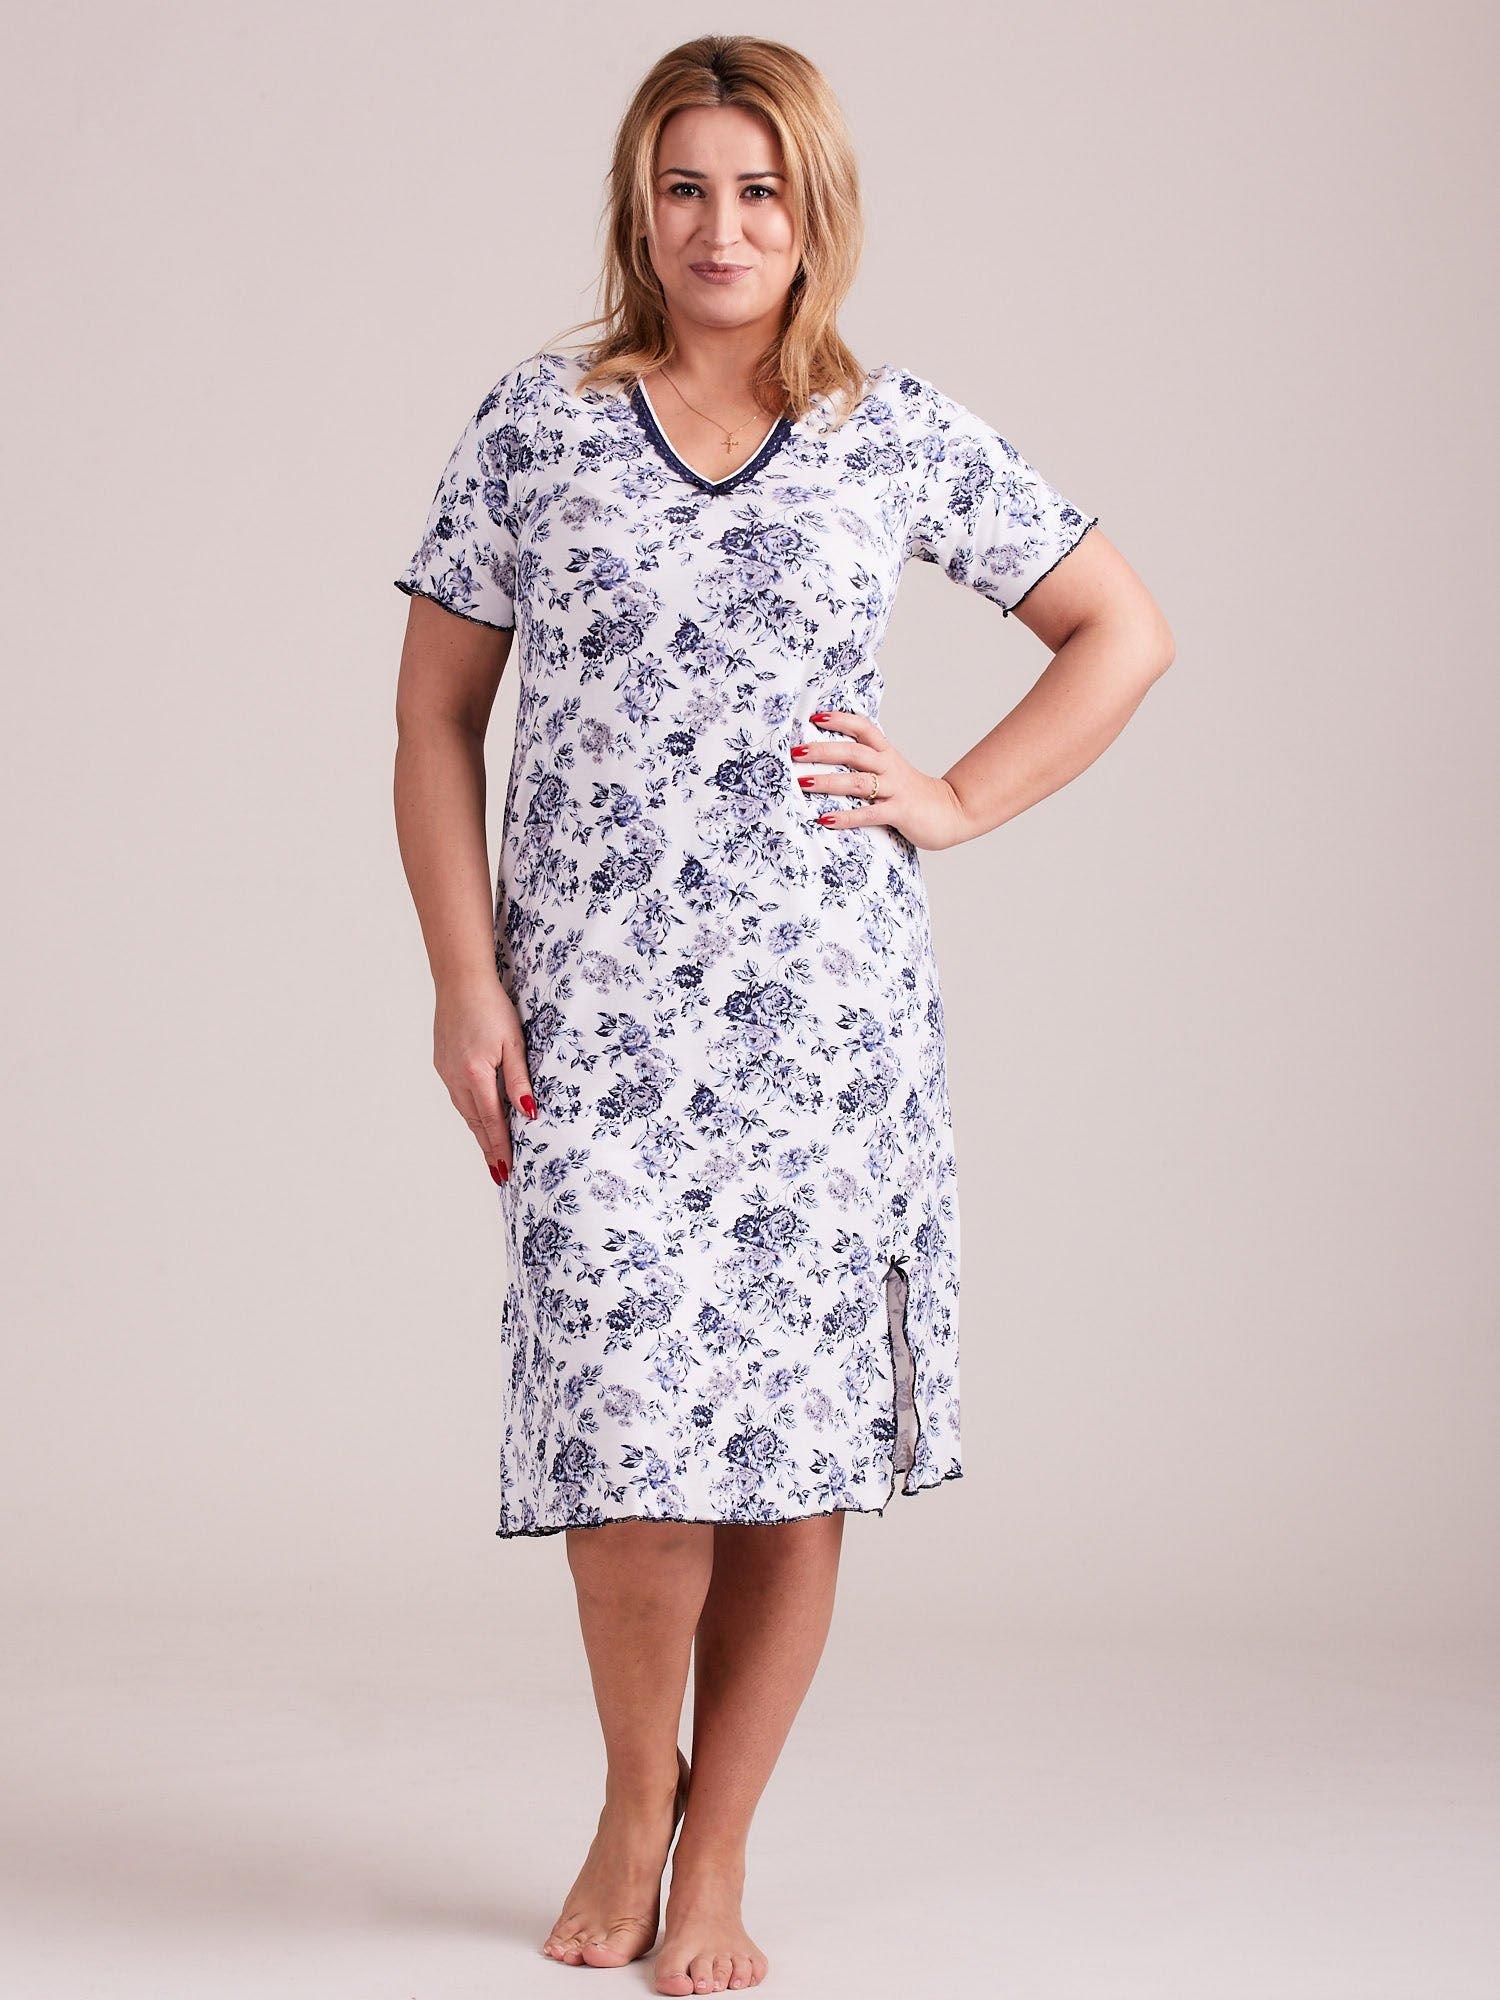 c0e223a90c0882 Biało-niebieska koszula nocna w kwiaty PLUS SIZE - Bielizna piżama ...